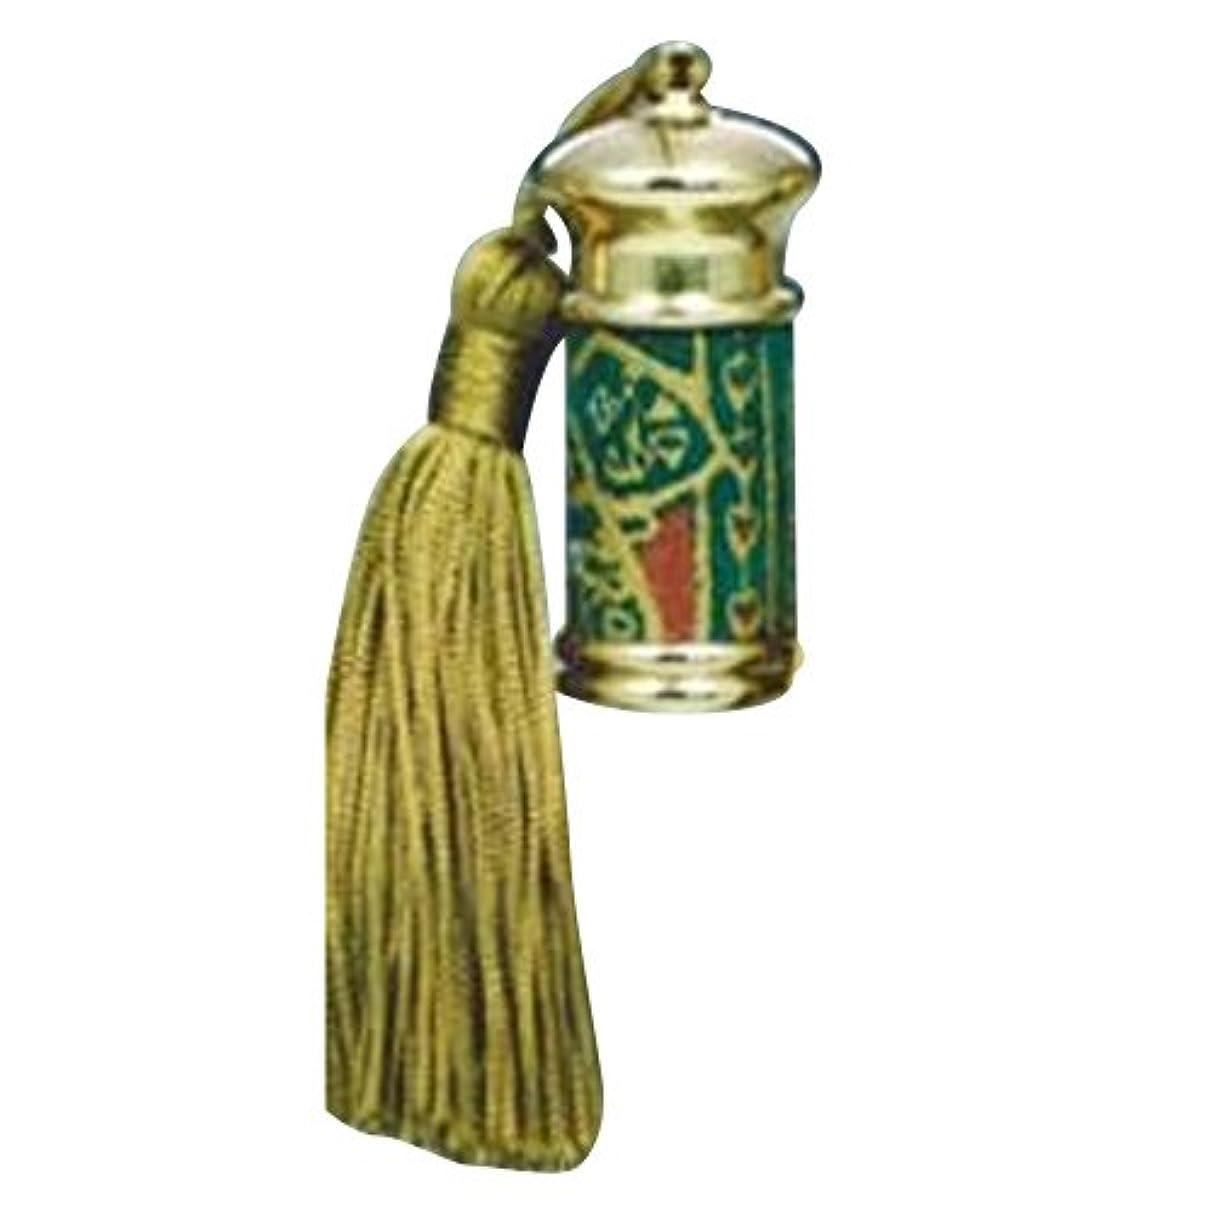 喪テロリストコマンドヒロセアトマイザー エスニック レザー ボトル (真鍮 革巻き) 23012 GR (グリーン)